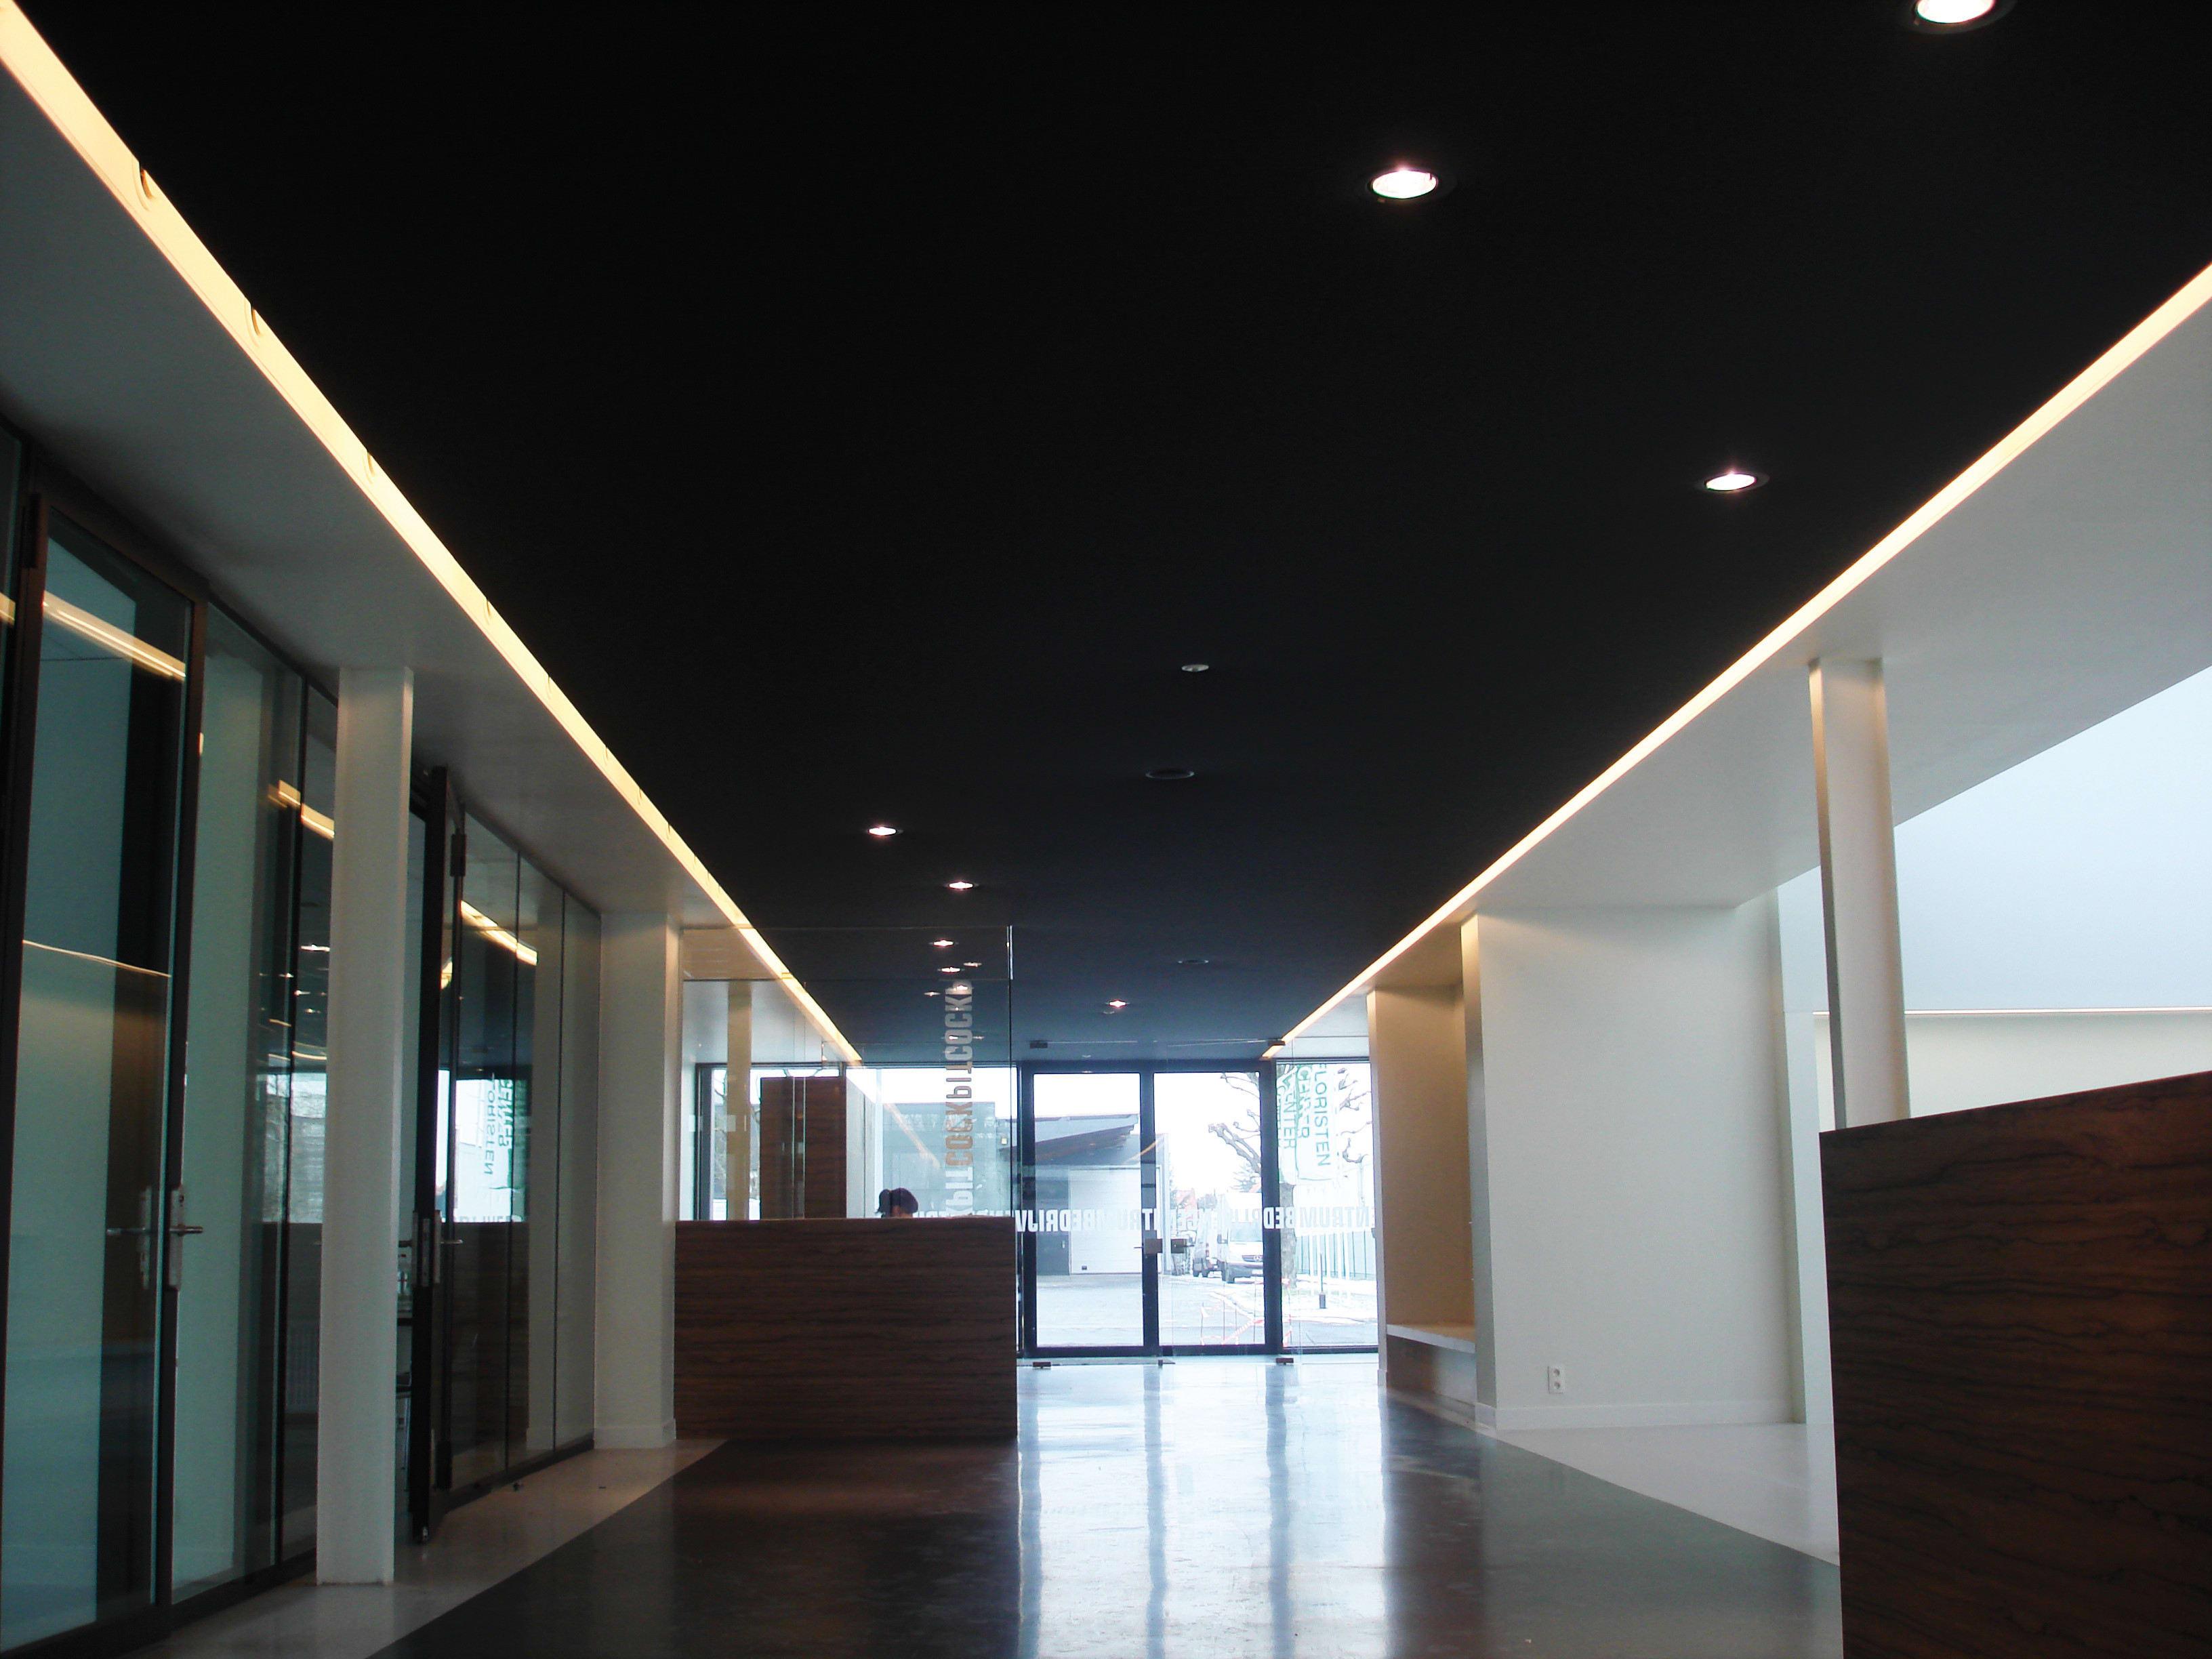 Zentrum Eingangsbereich mit Akustikverkleidung von Clipso